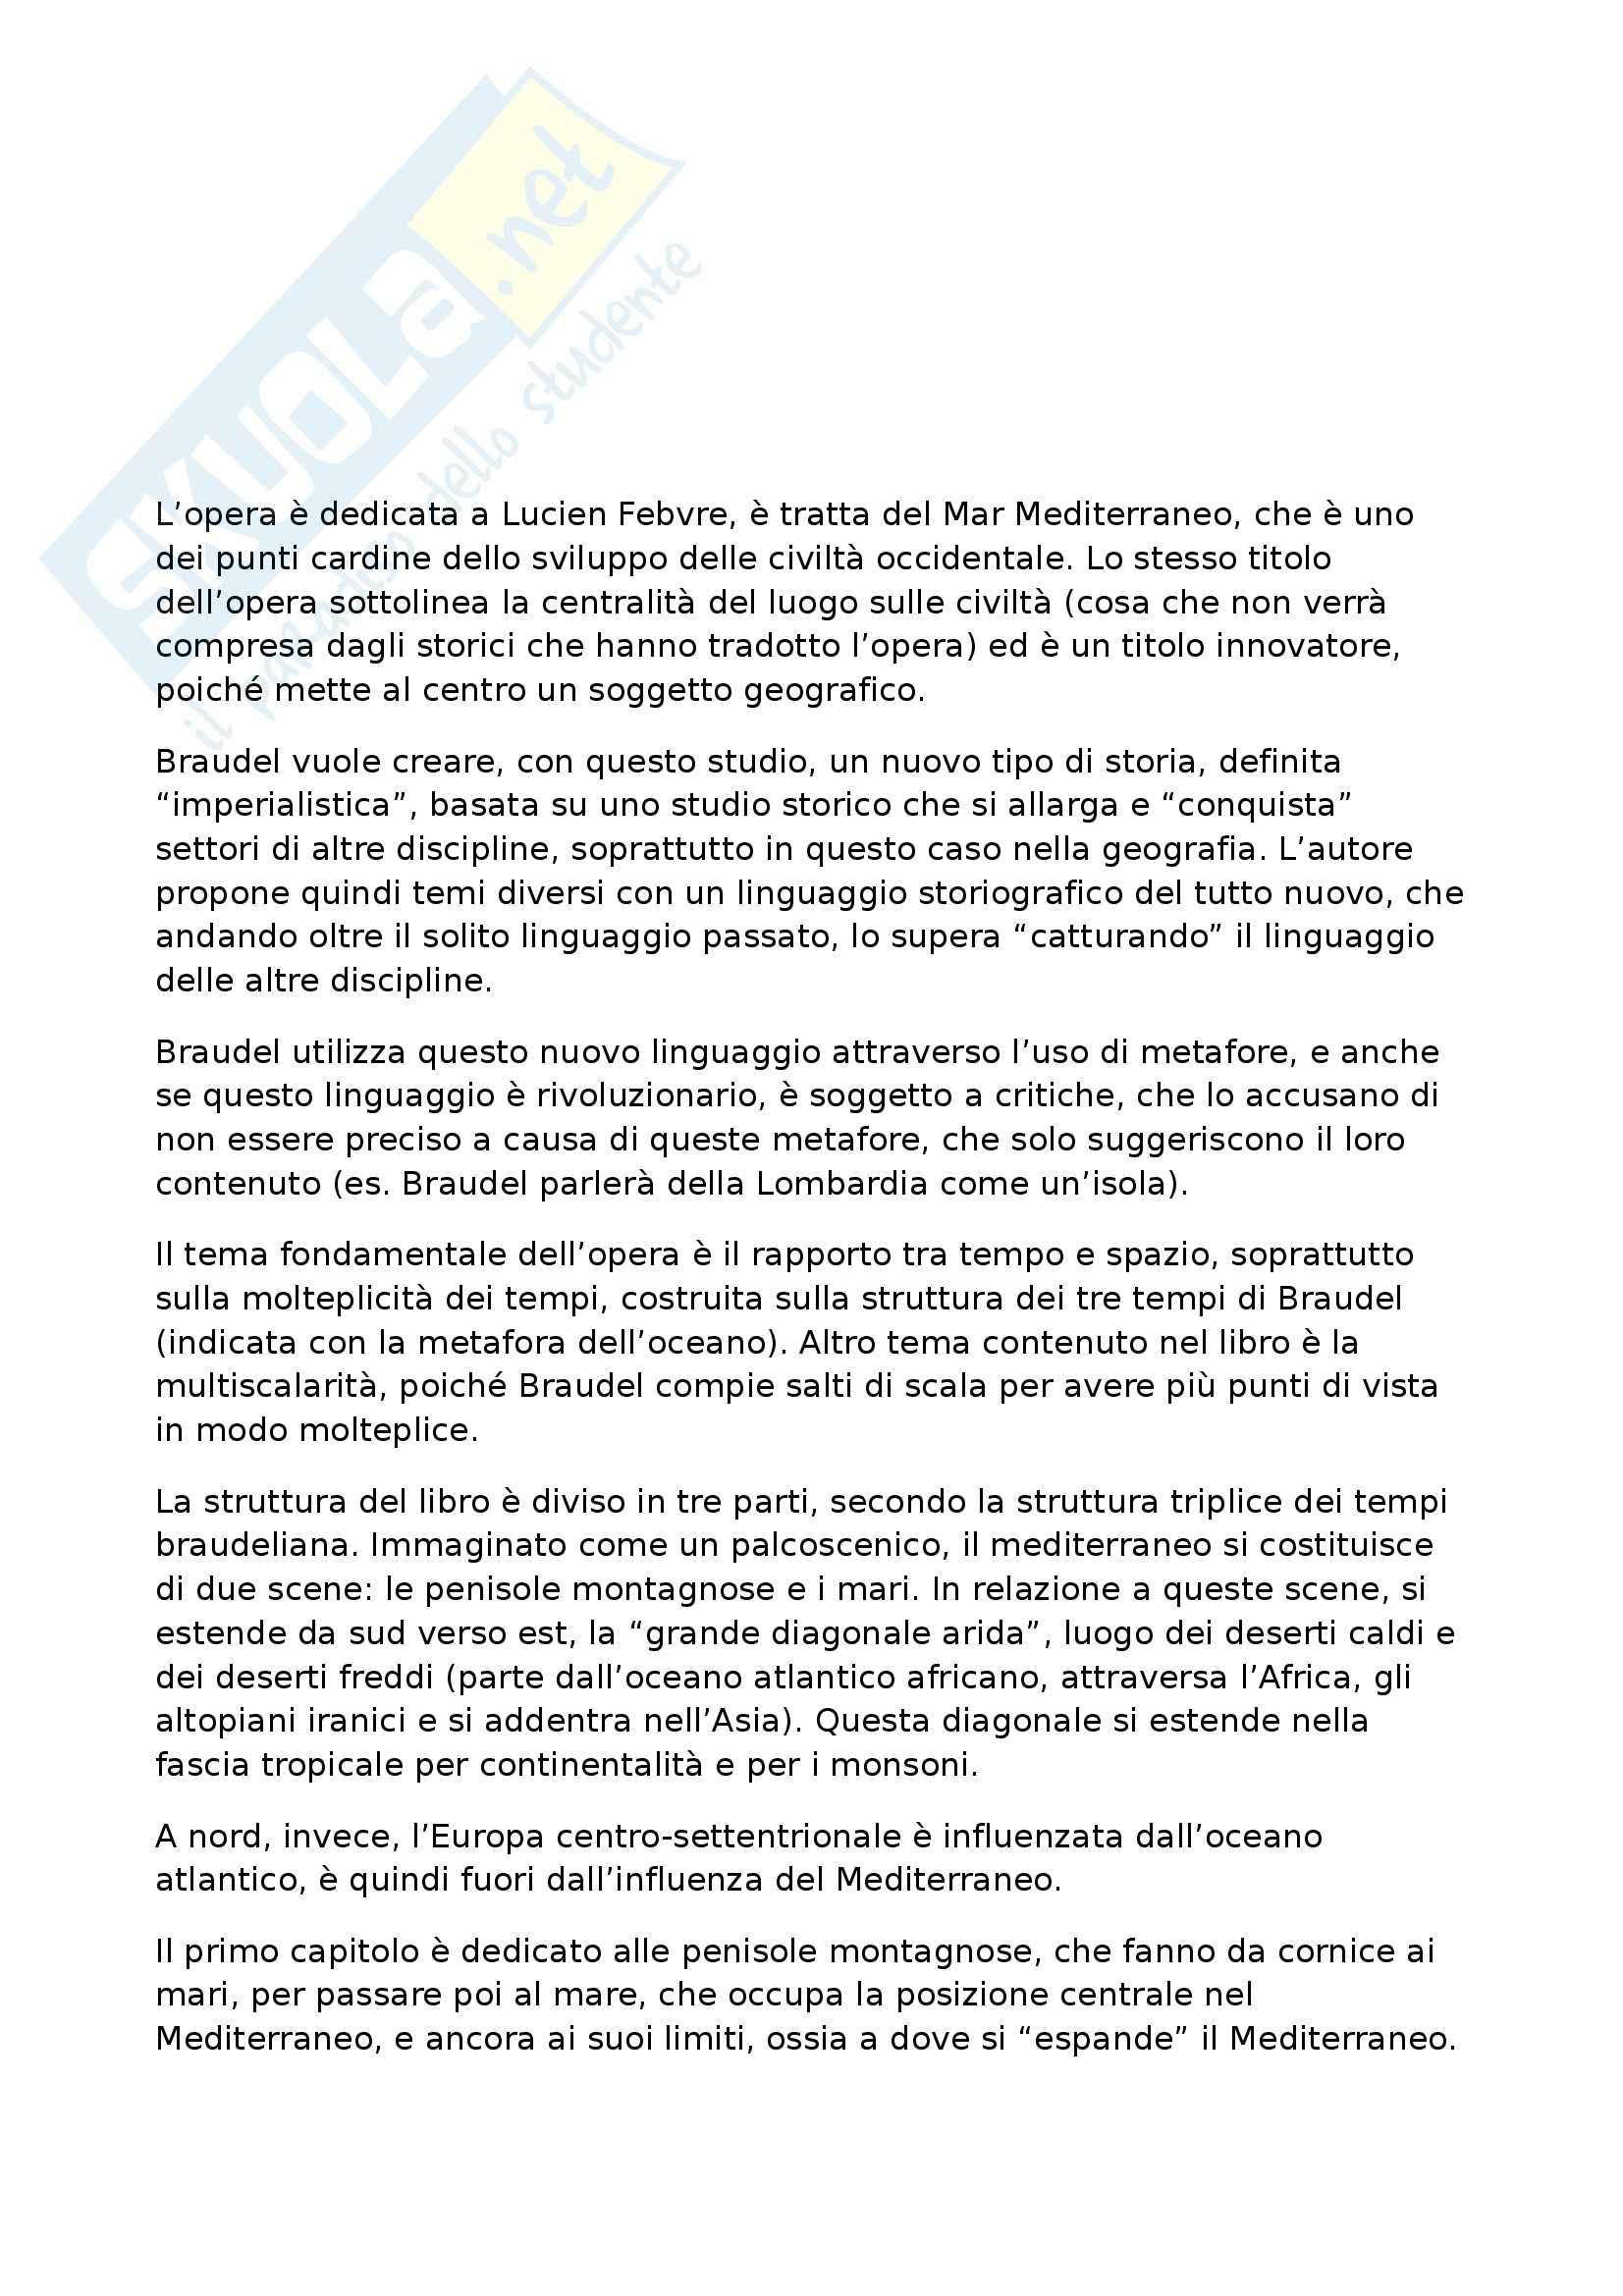 Riassunto esame Geografia Storica, prof. Pase, libro consigliato Civiltà ed Imperi del Mediterraneo nell'Età di Filippo II, Braudel